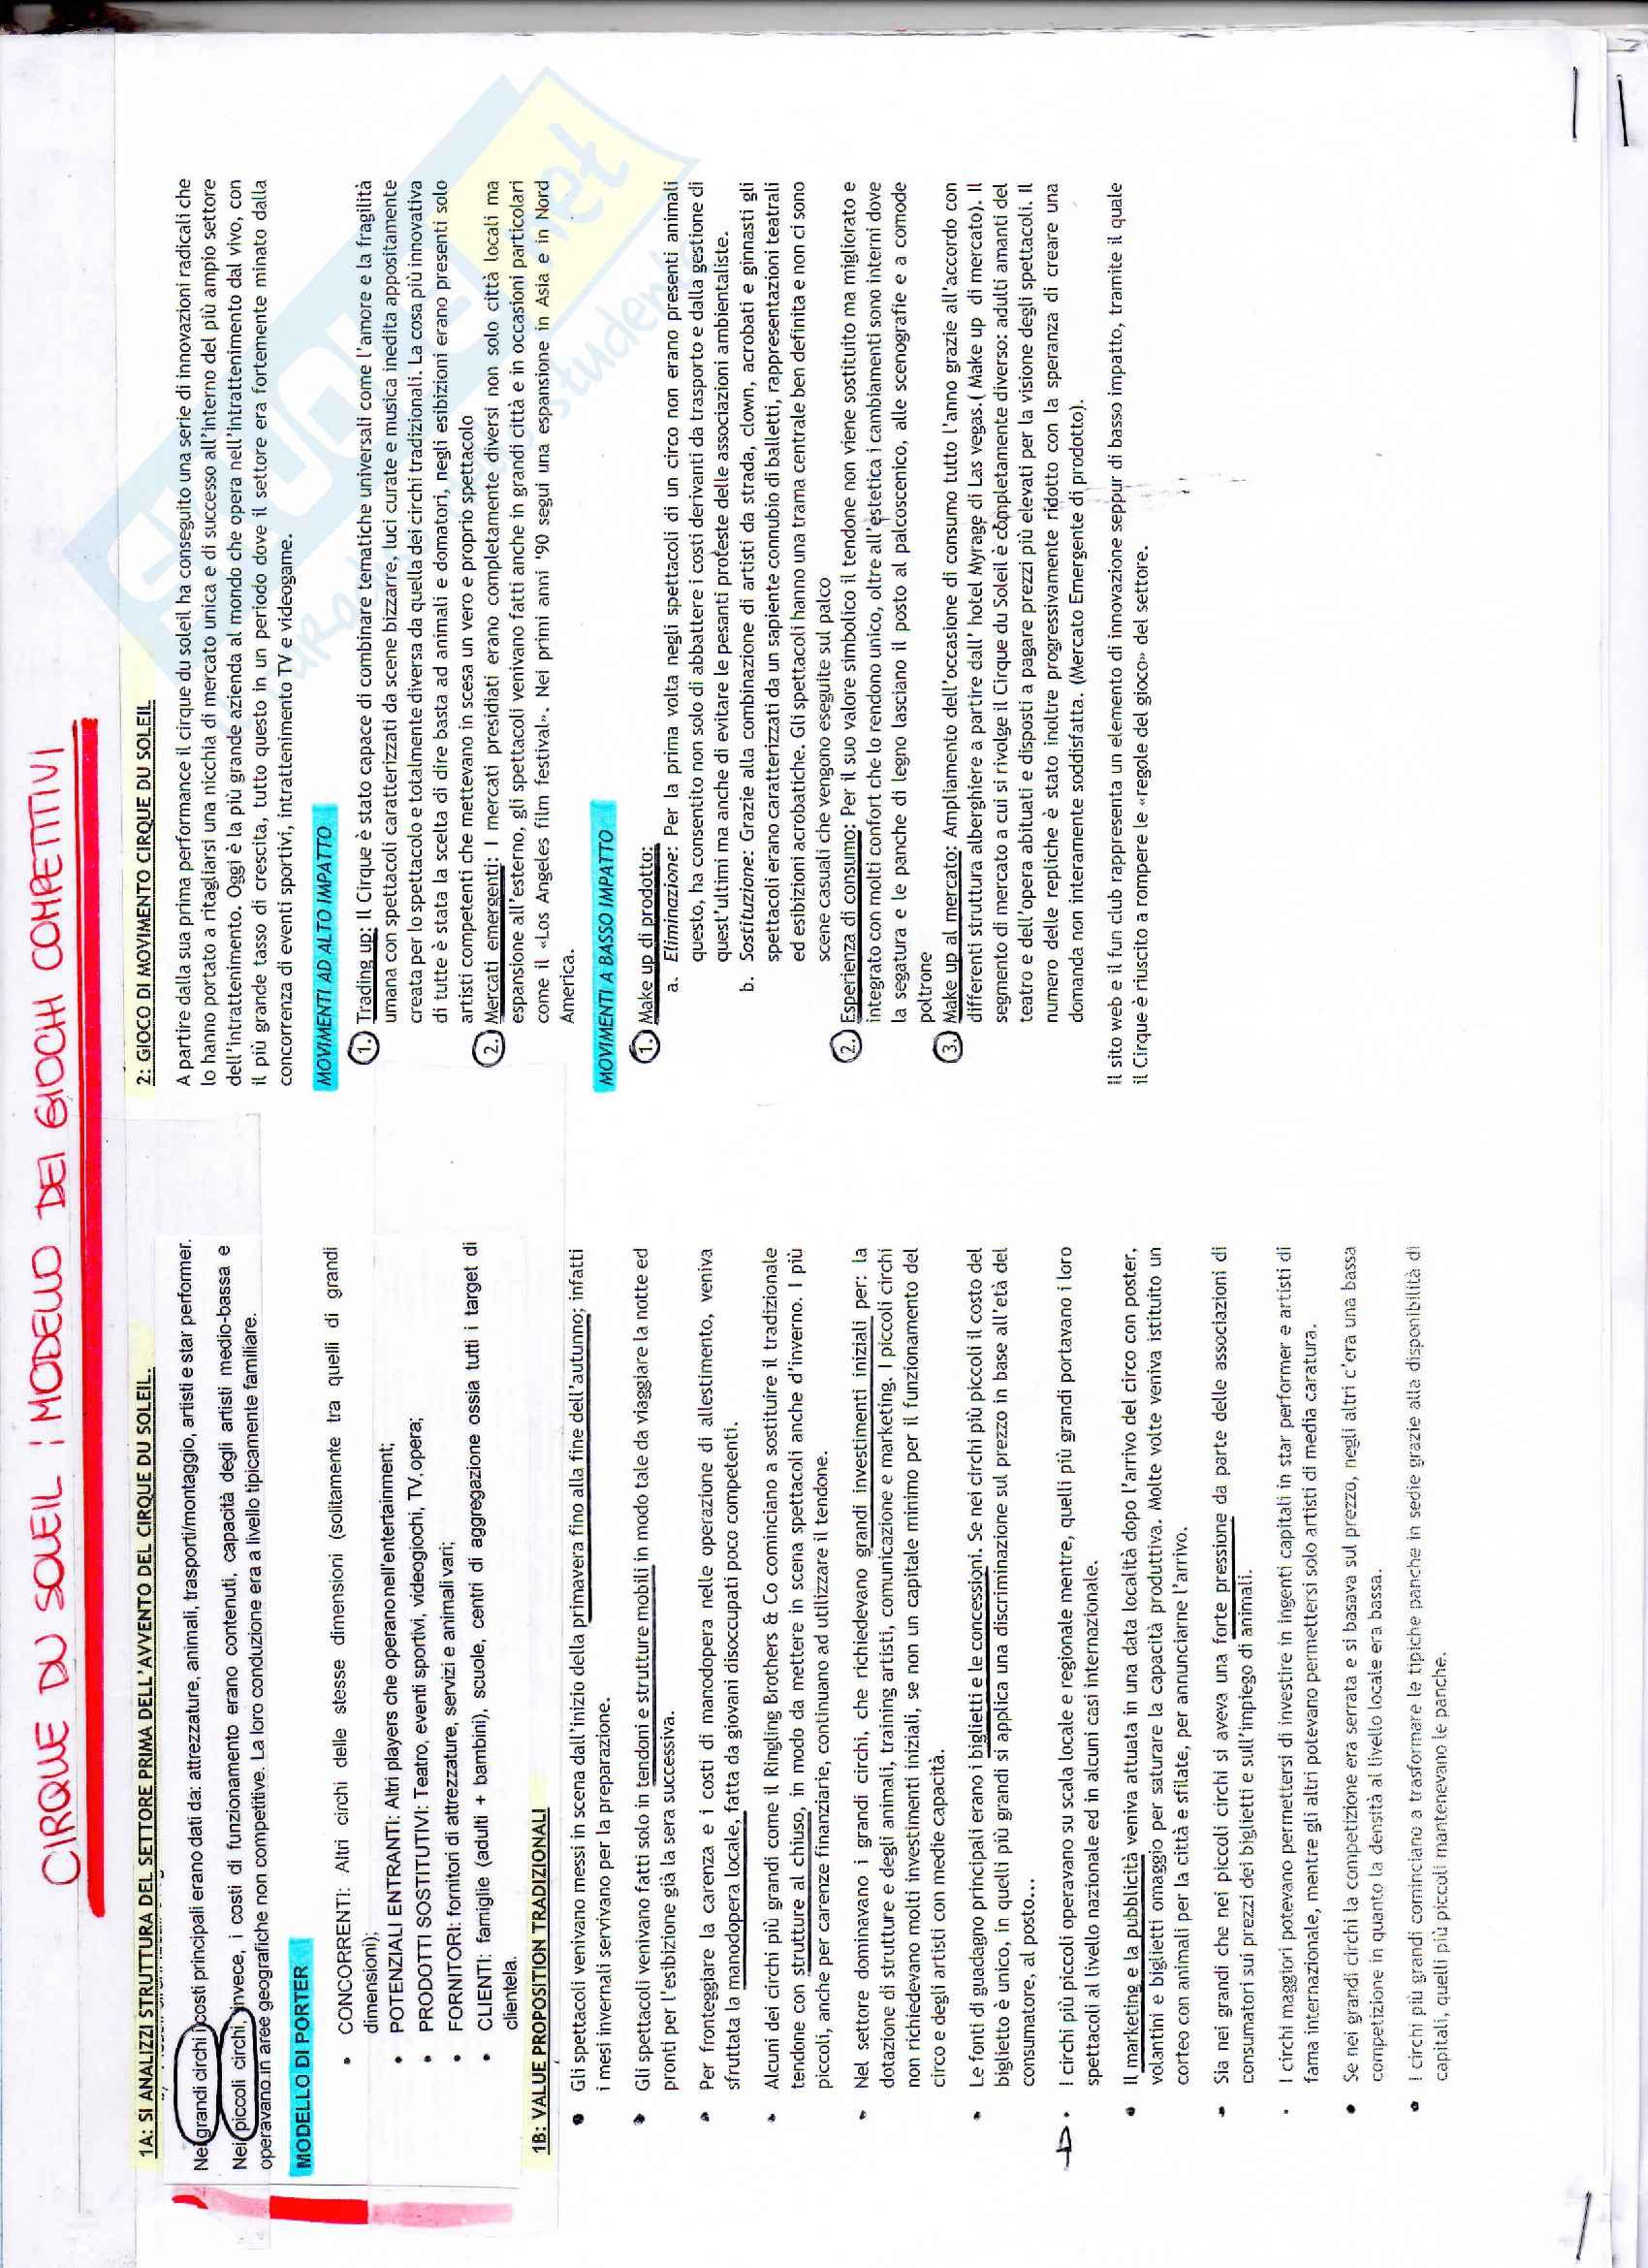 Appunti di Strategia aziendale Pag. 41